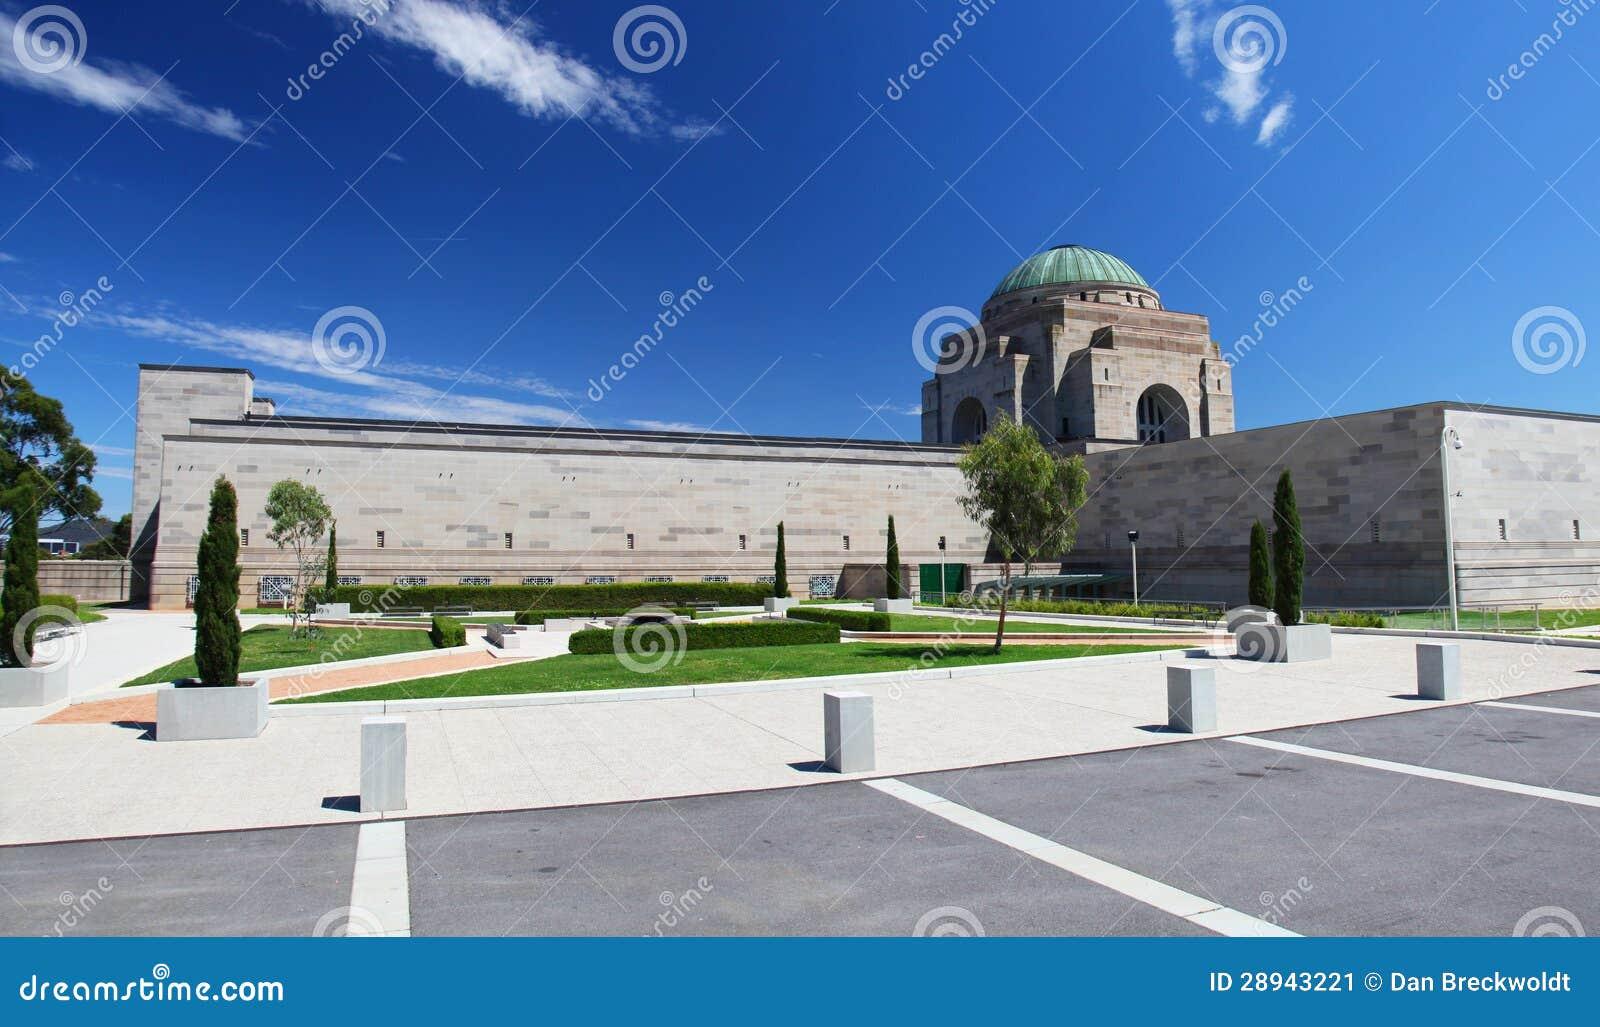 Het Australische Gedenkteken van de Oorlog in Canberra